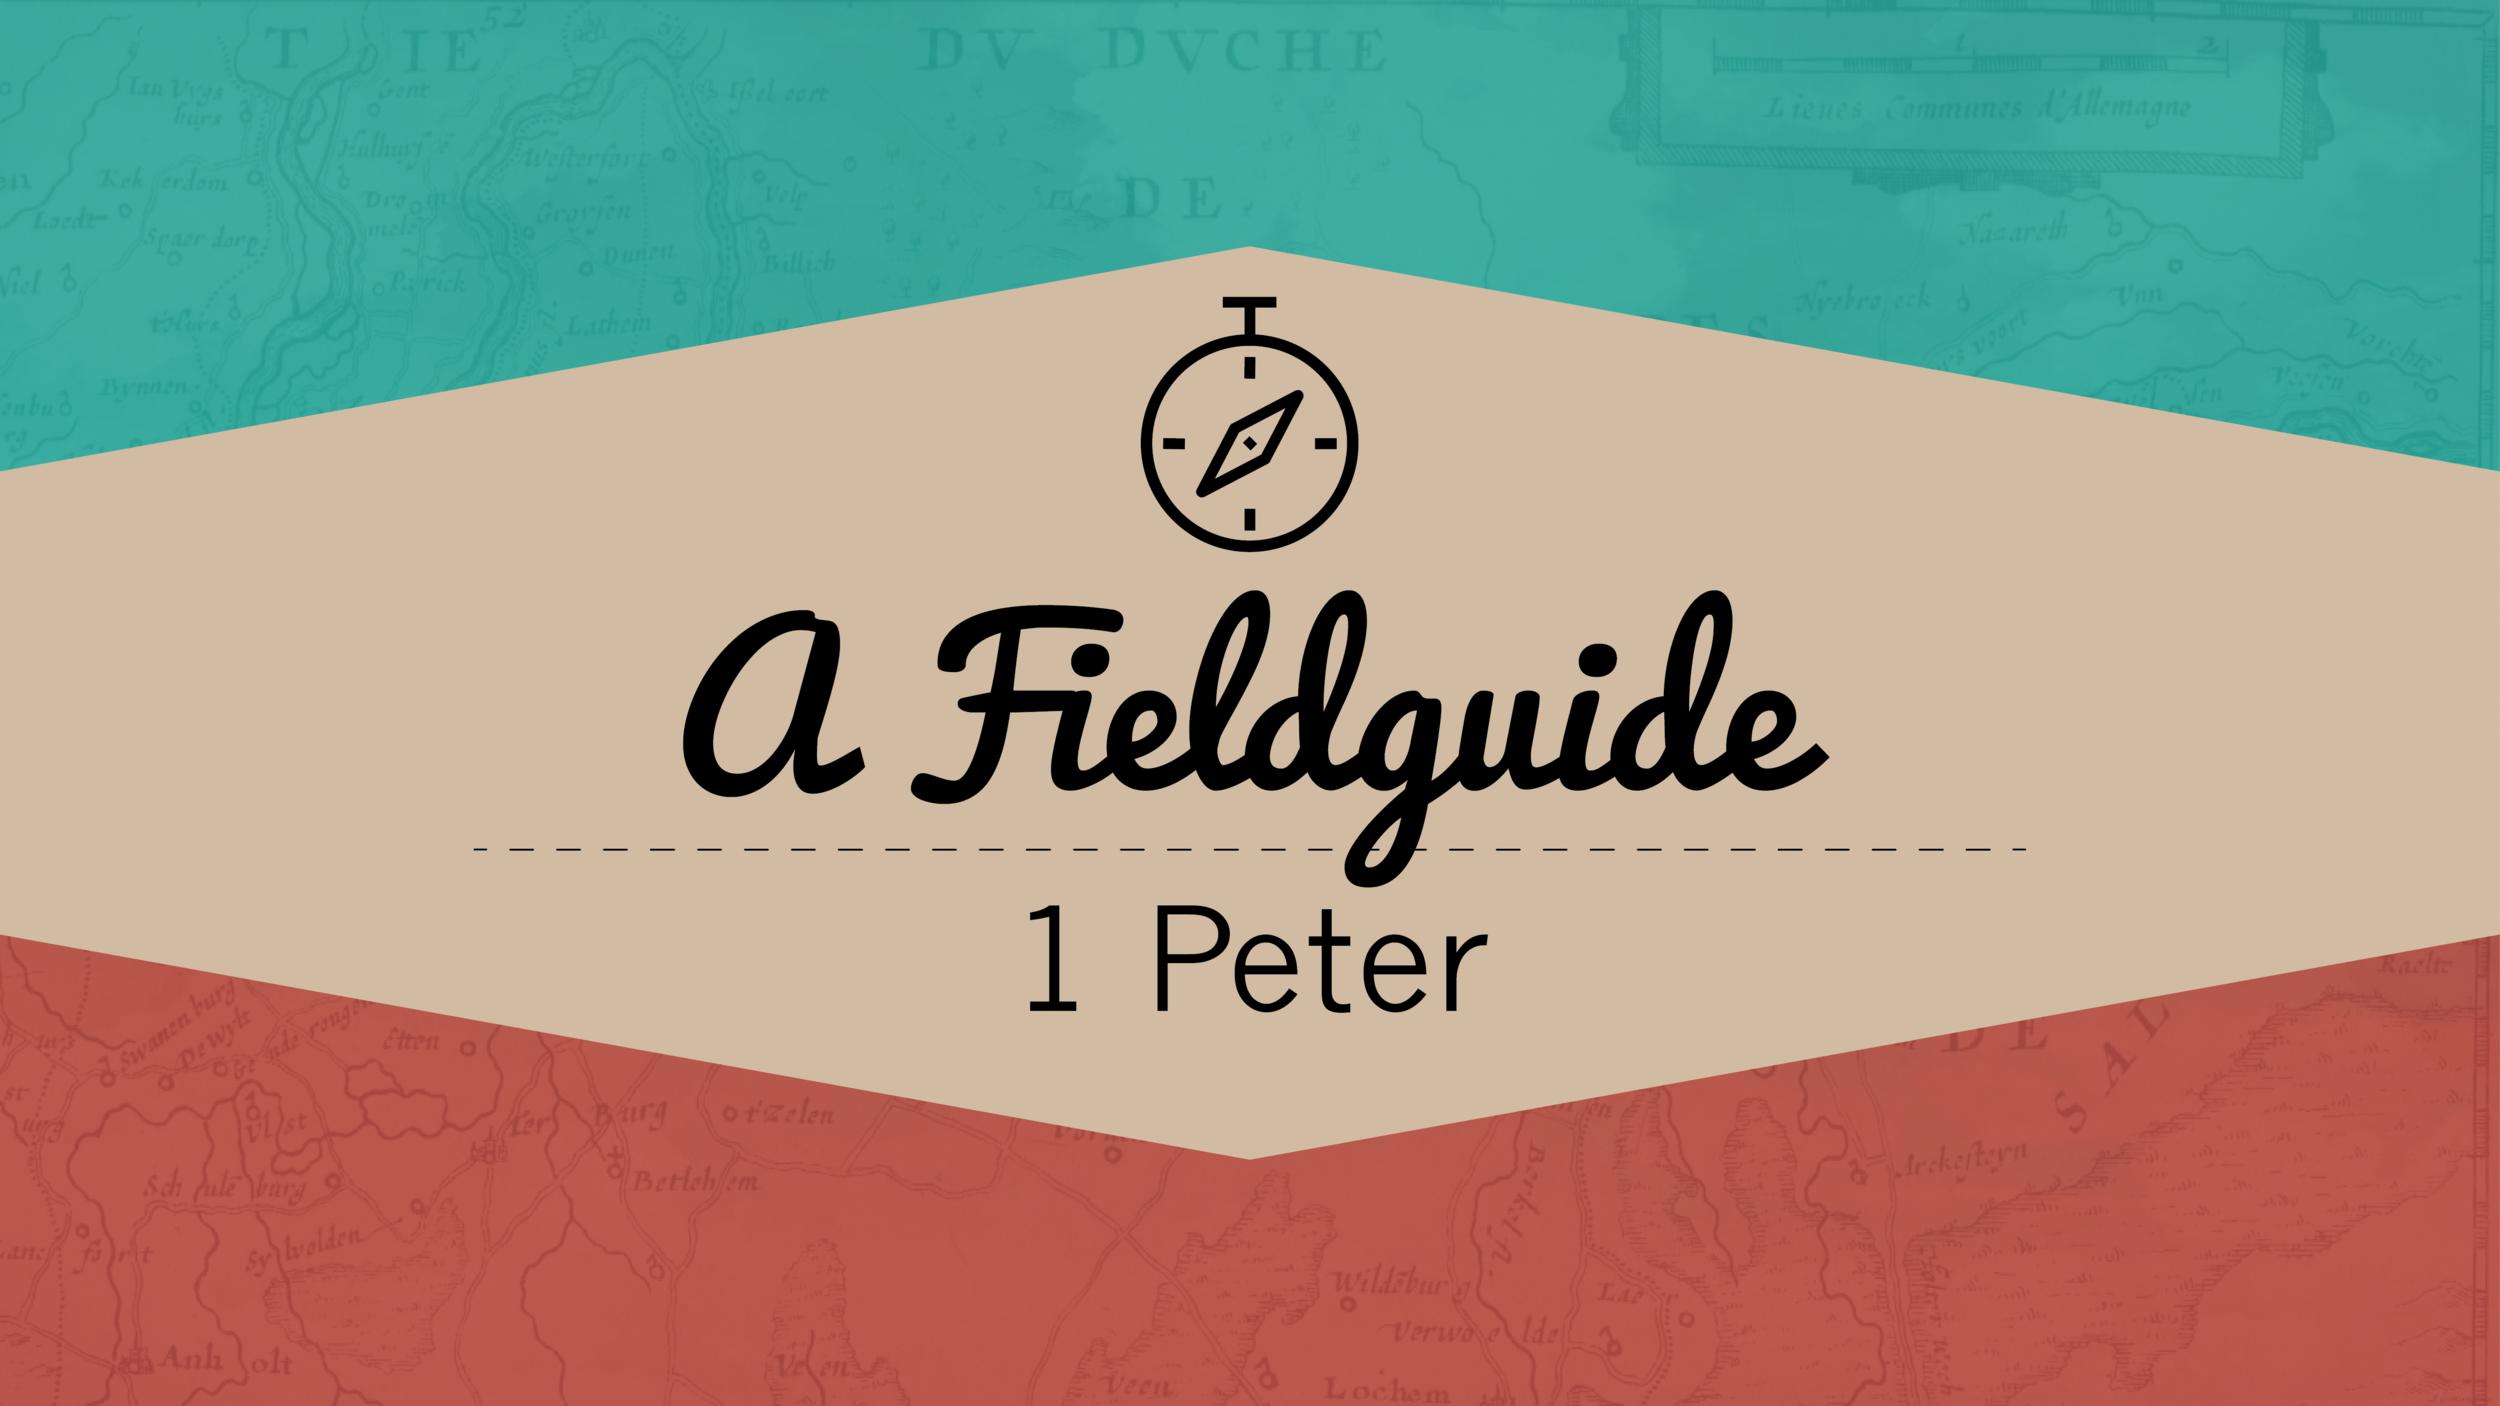 1 Peter: A Fieldguide